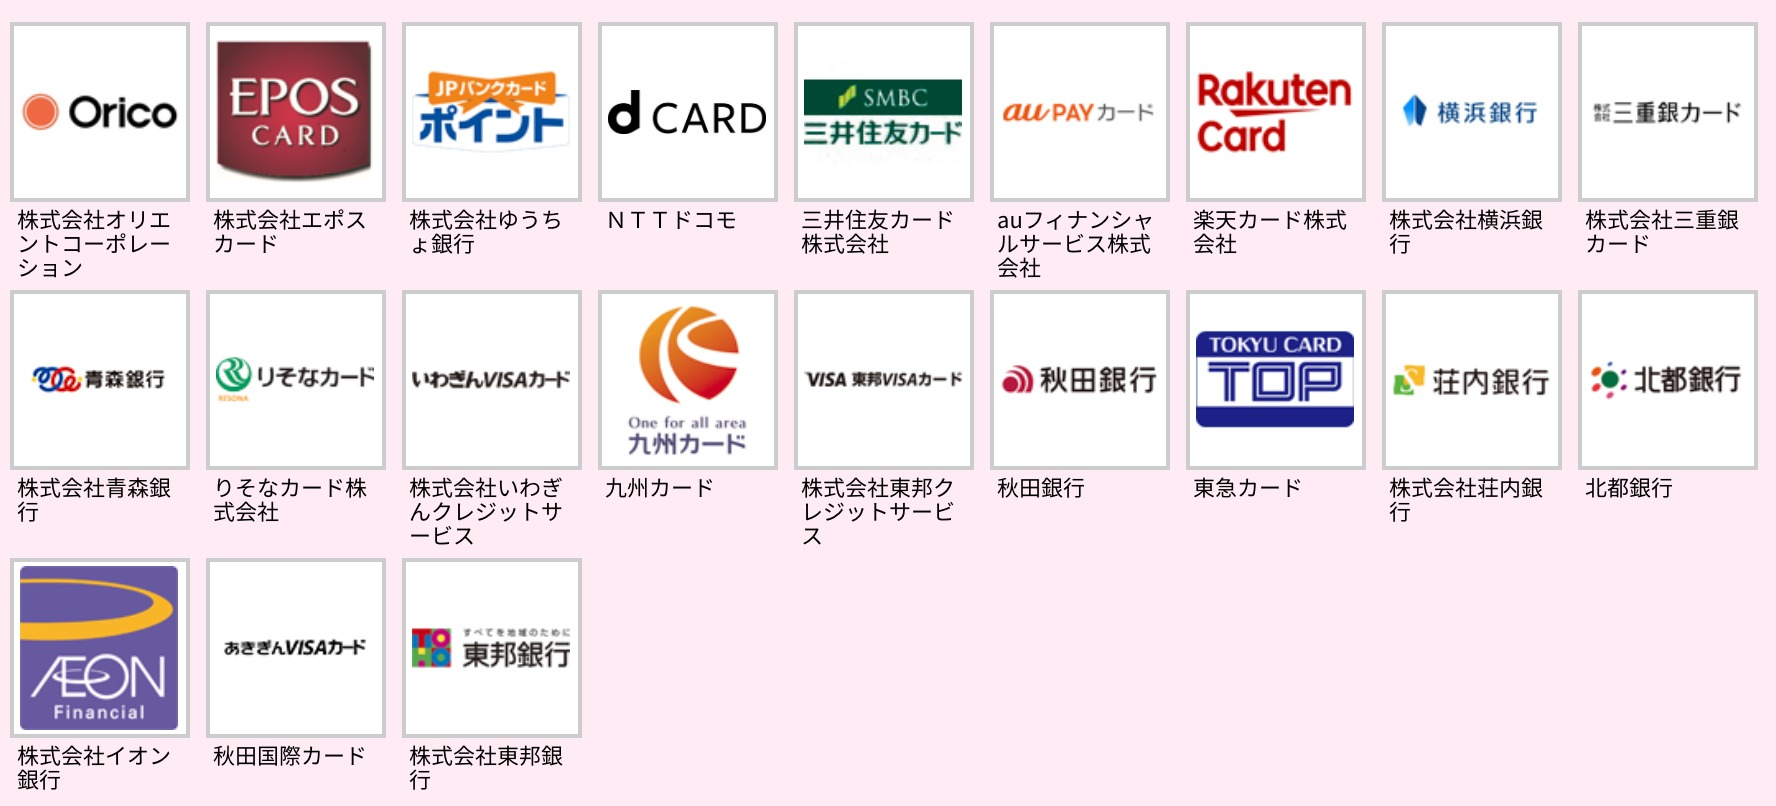 クレジットカード21種類